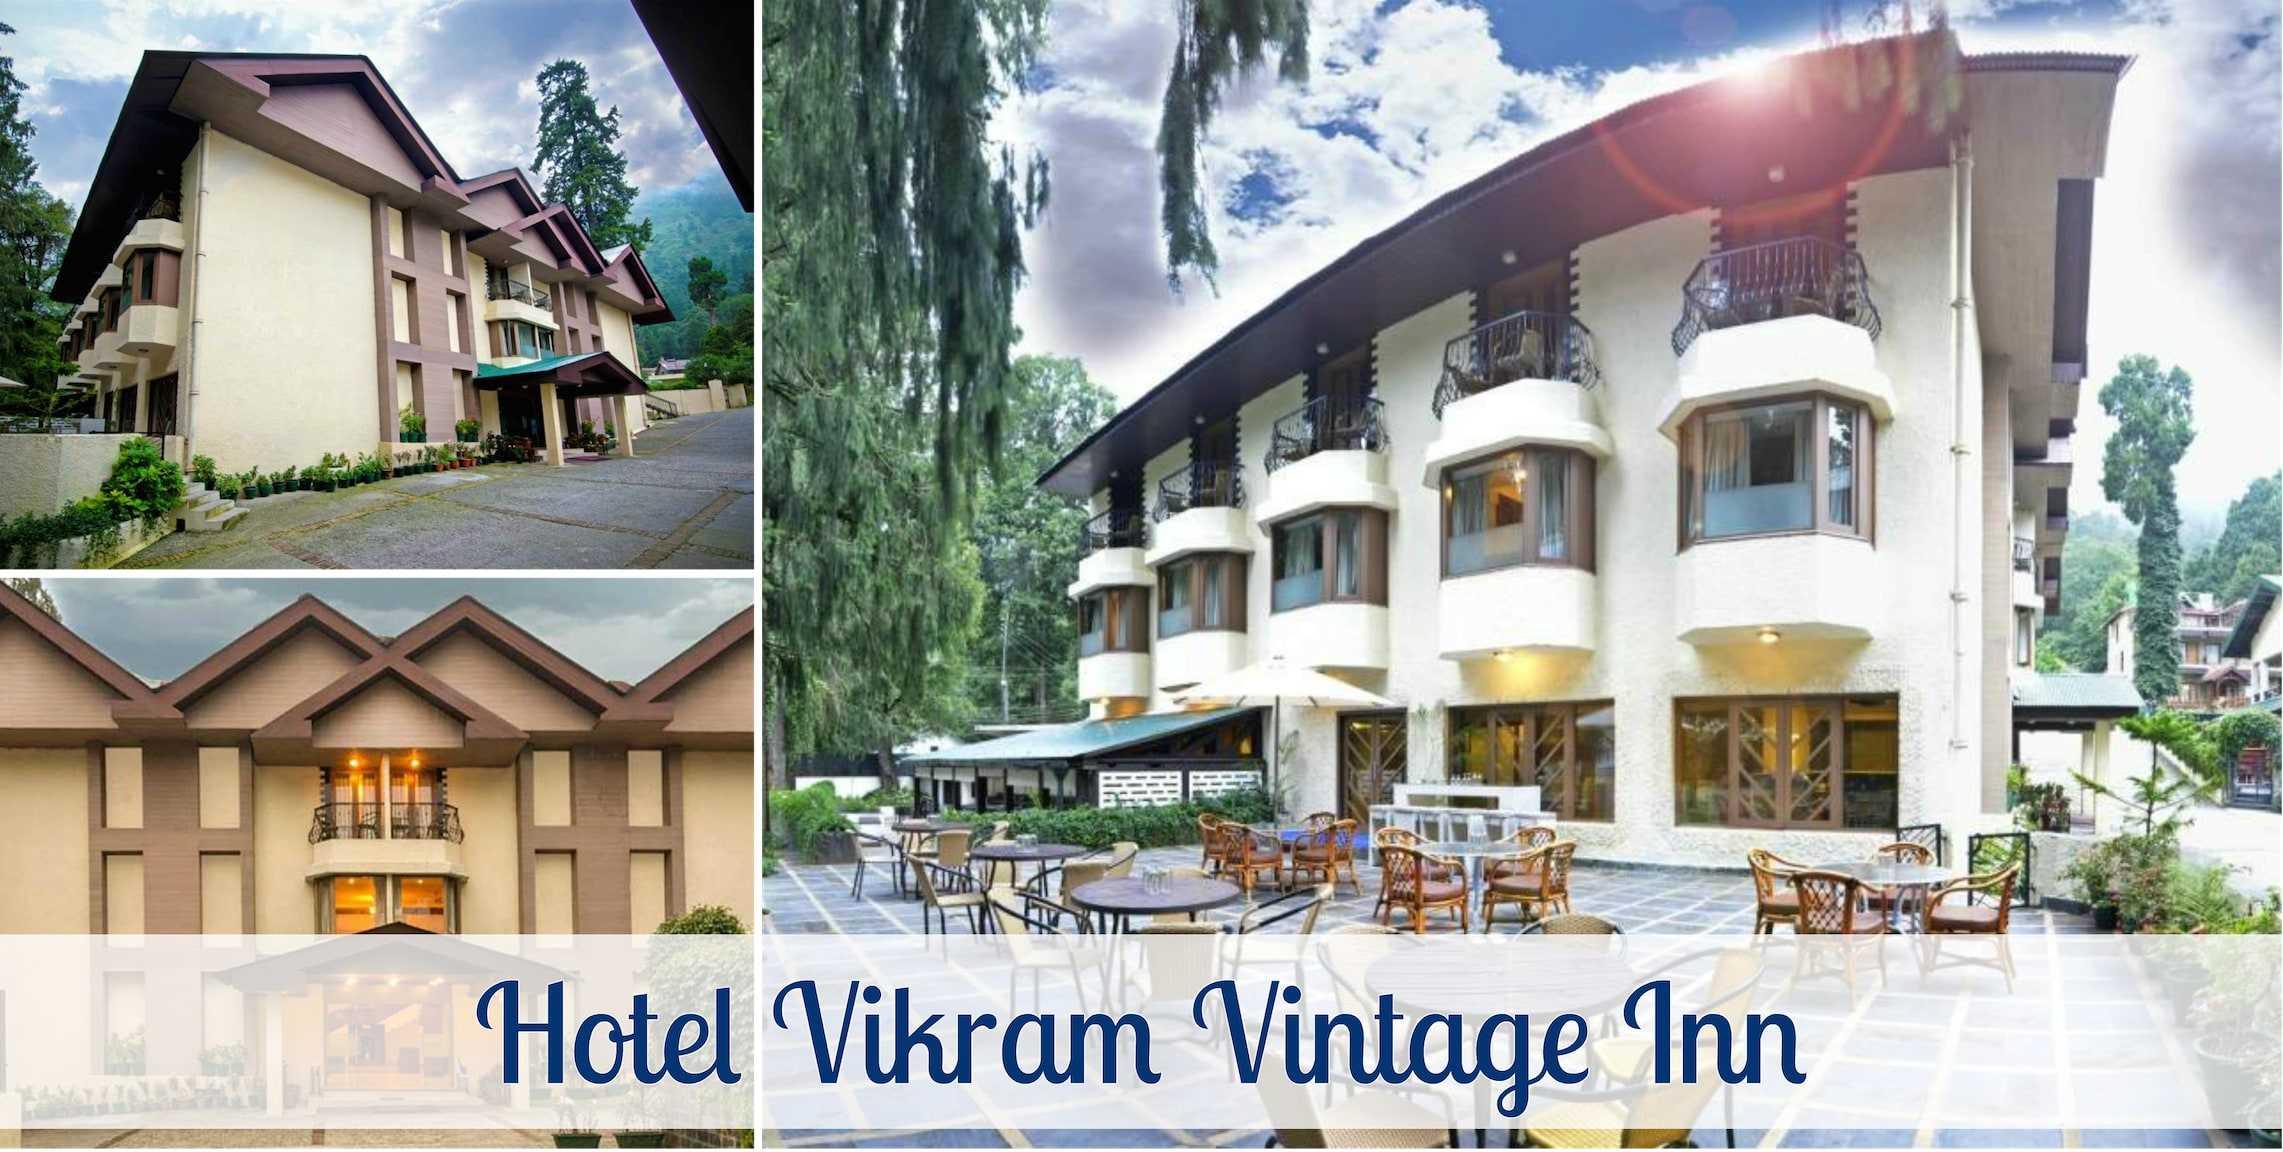 hotel-vikram-vintage-inn-nainital.